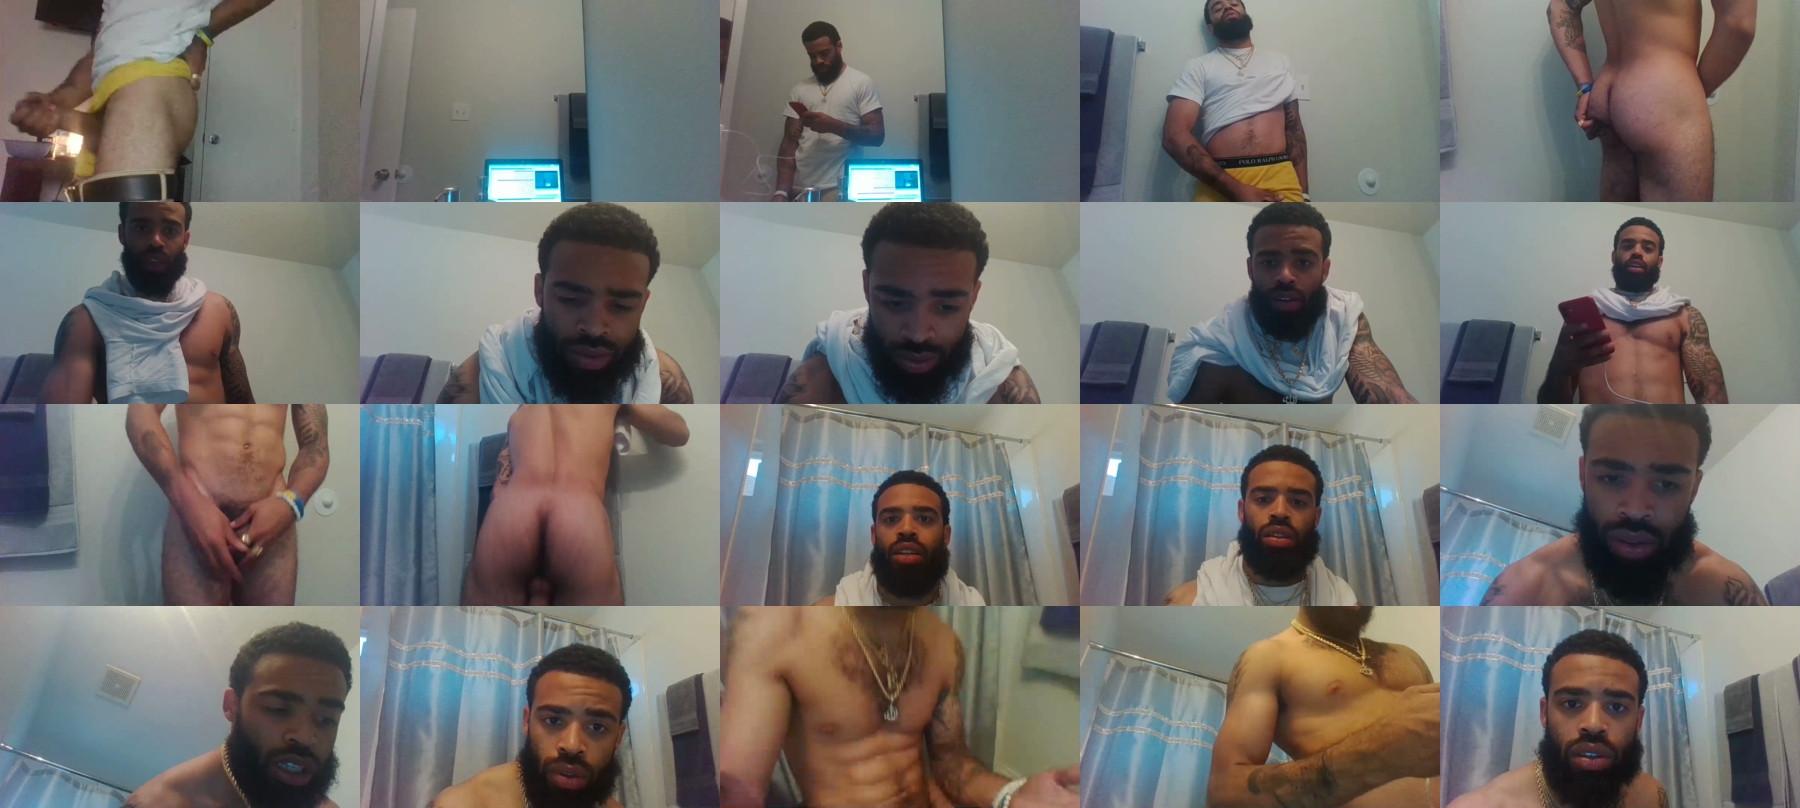 Xxcountxx_ Chaturbate 04-05-2021 Male Porn